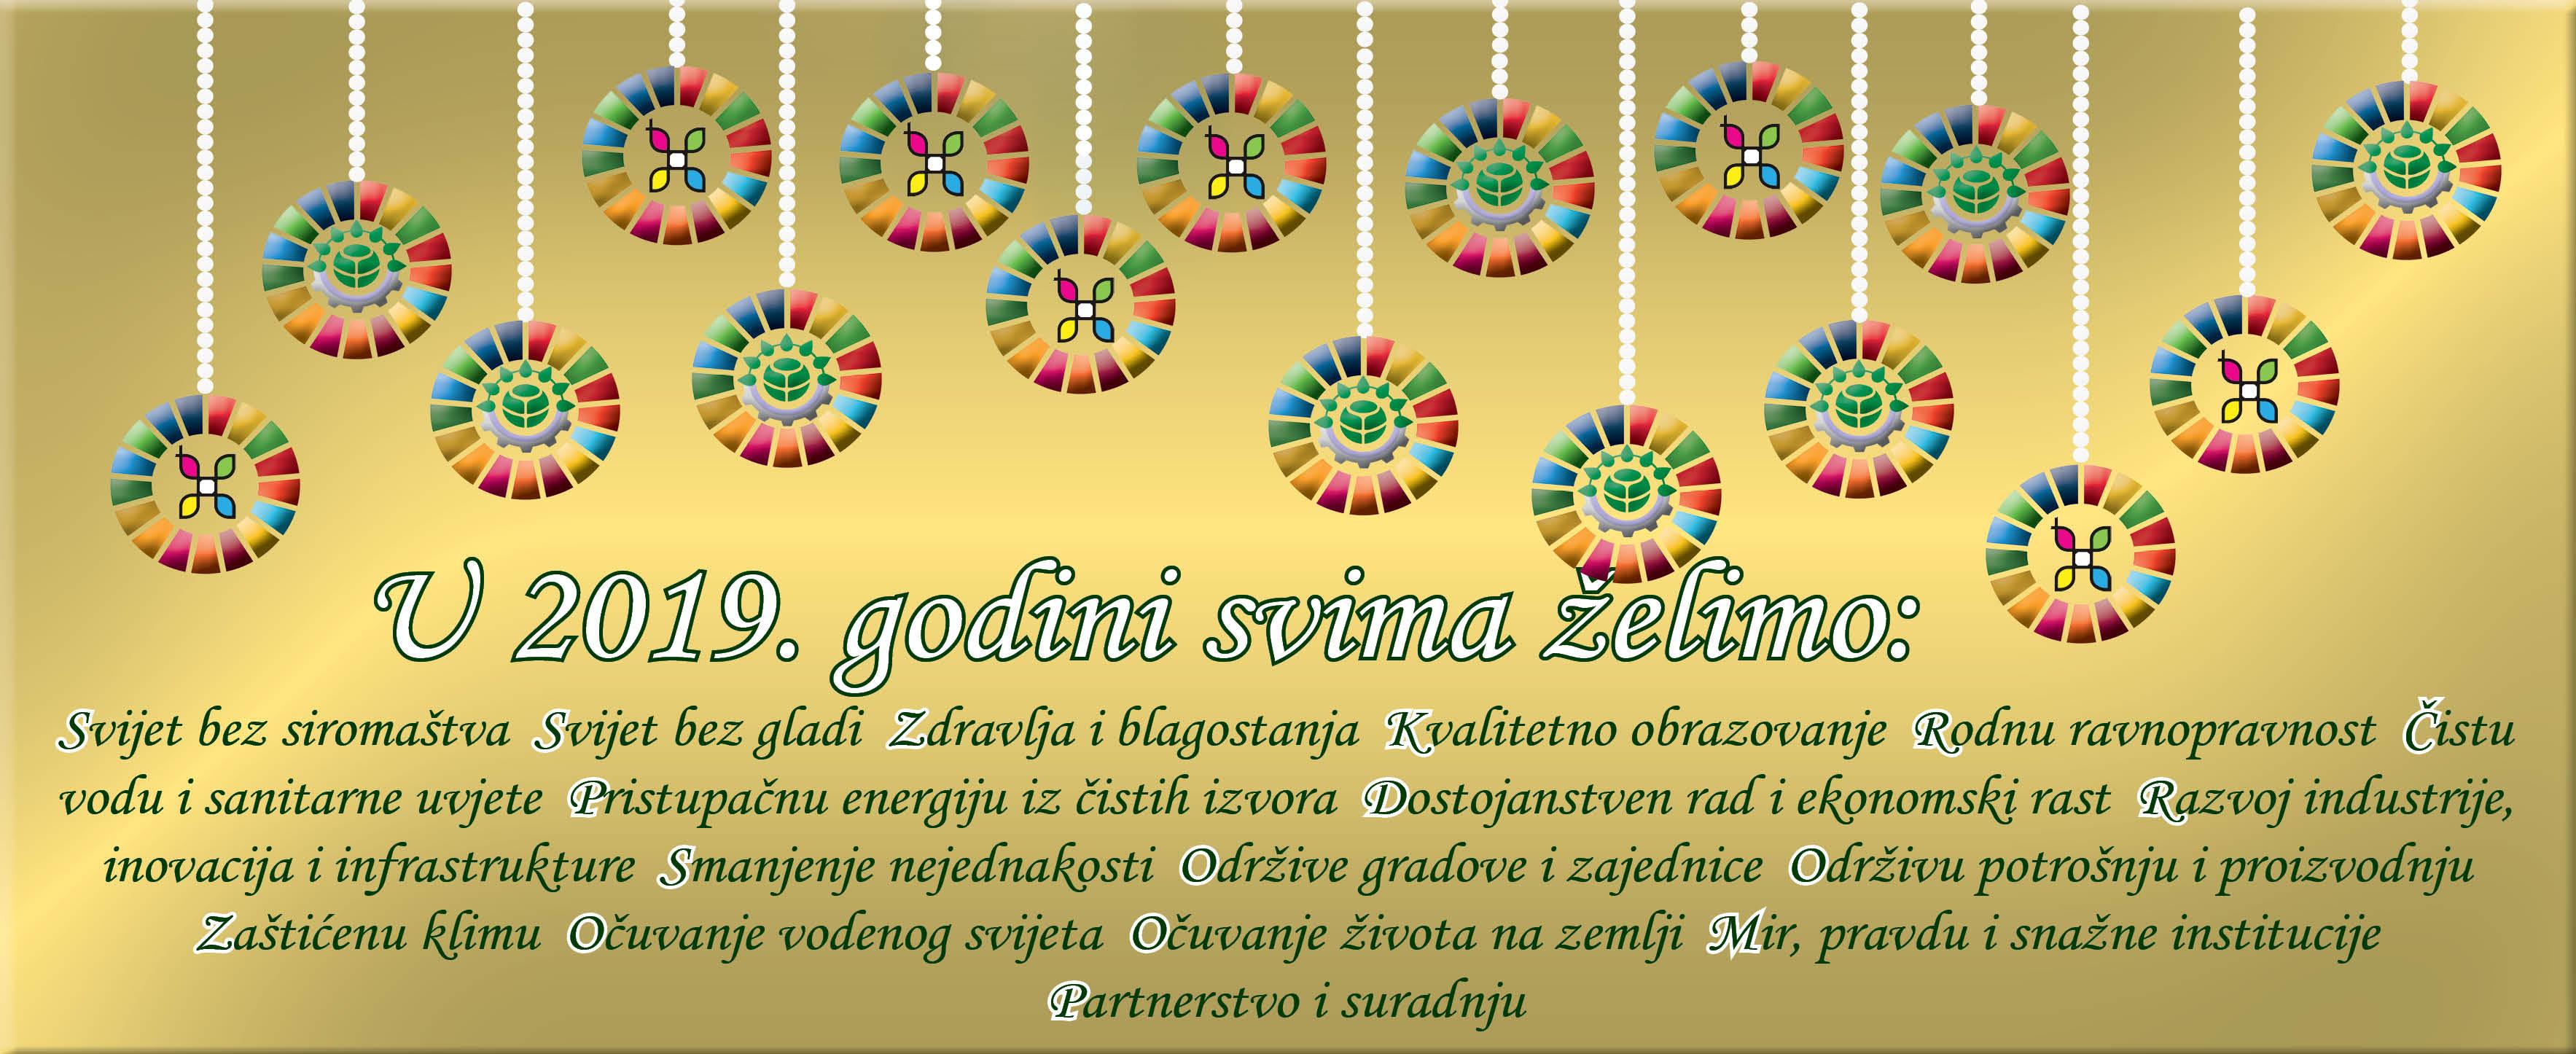 Što svima želimo u 2019. godini? Društveno odgovorno poslovanje u Hrvatskoj - Dop.hr